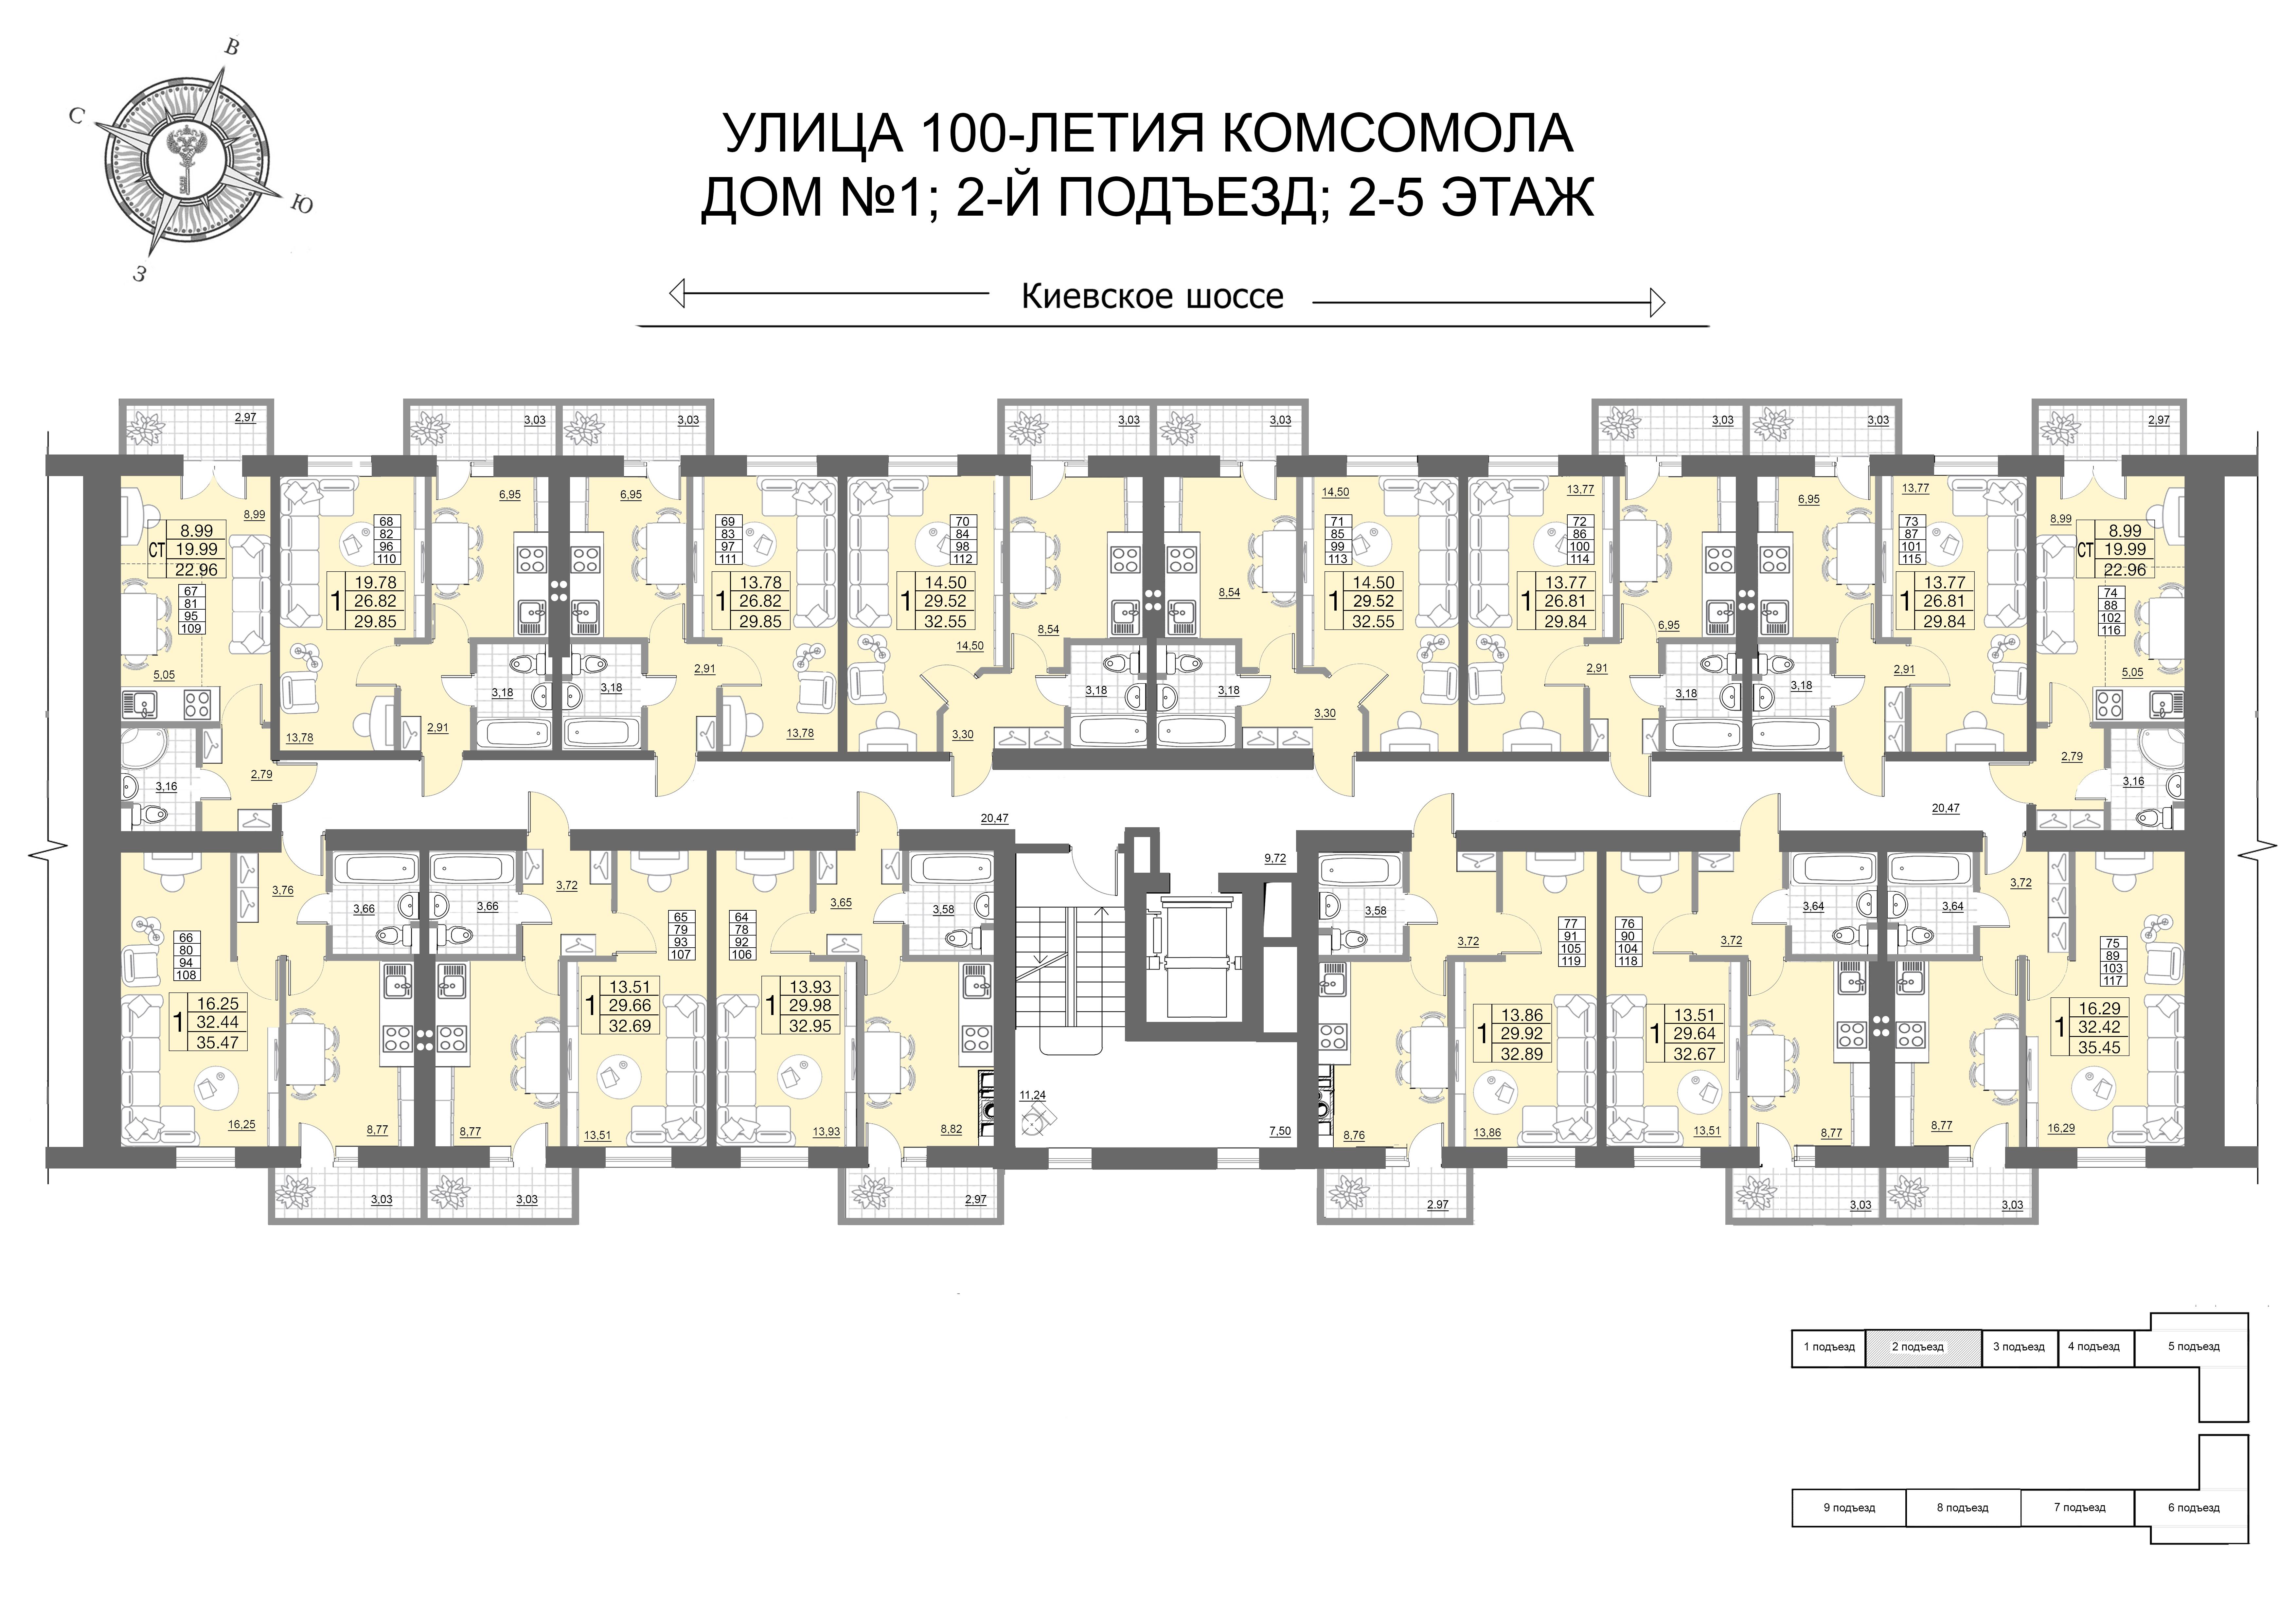 ул. 100-летия комсомола, д.1